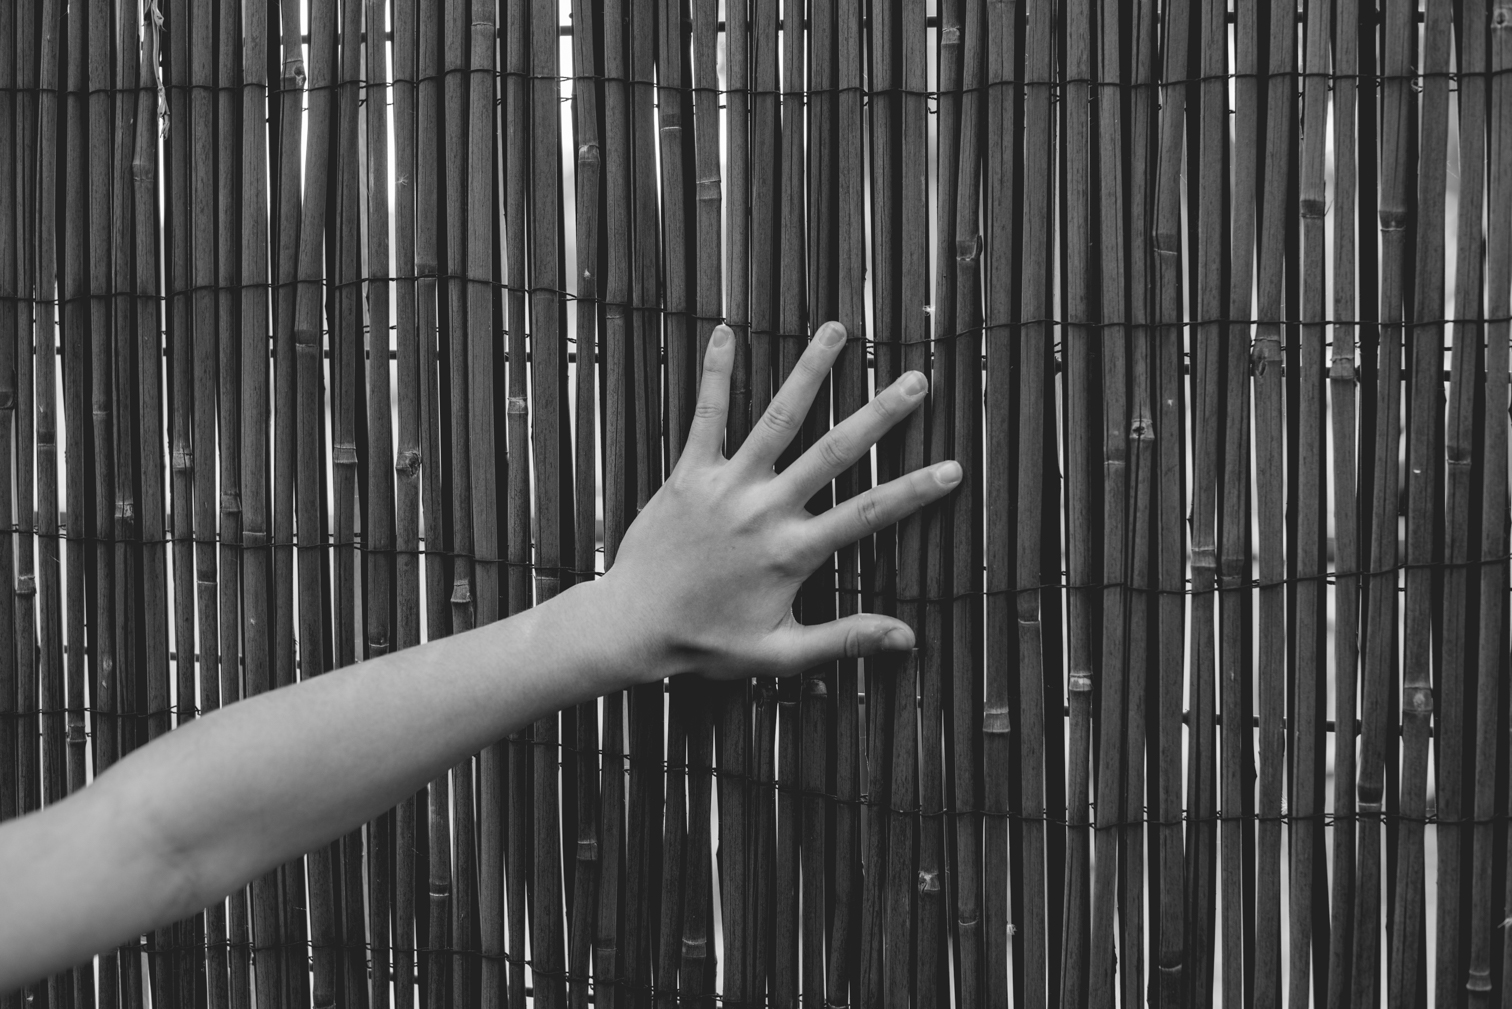 Una mano sobre un muro de ramitas